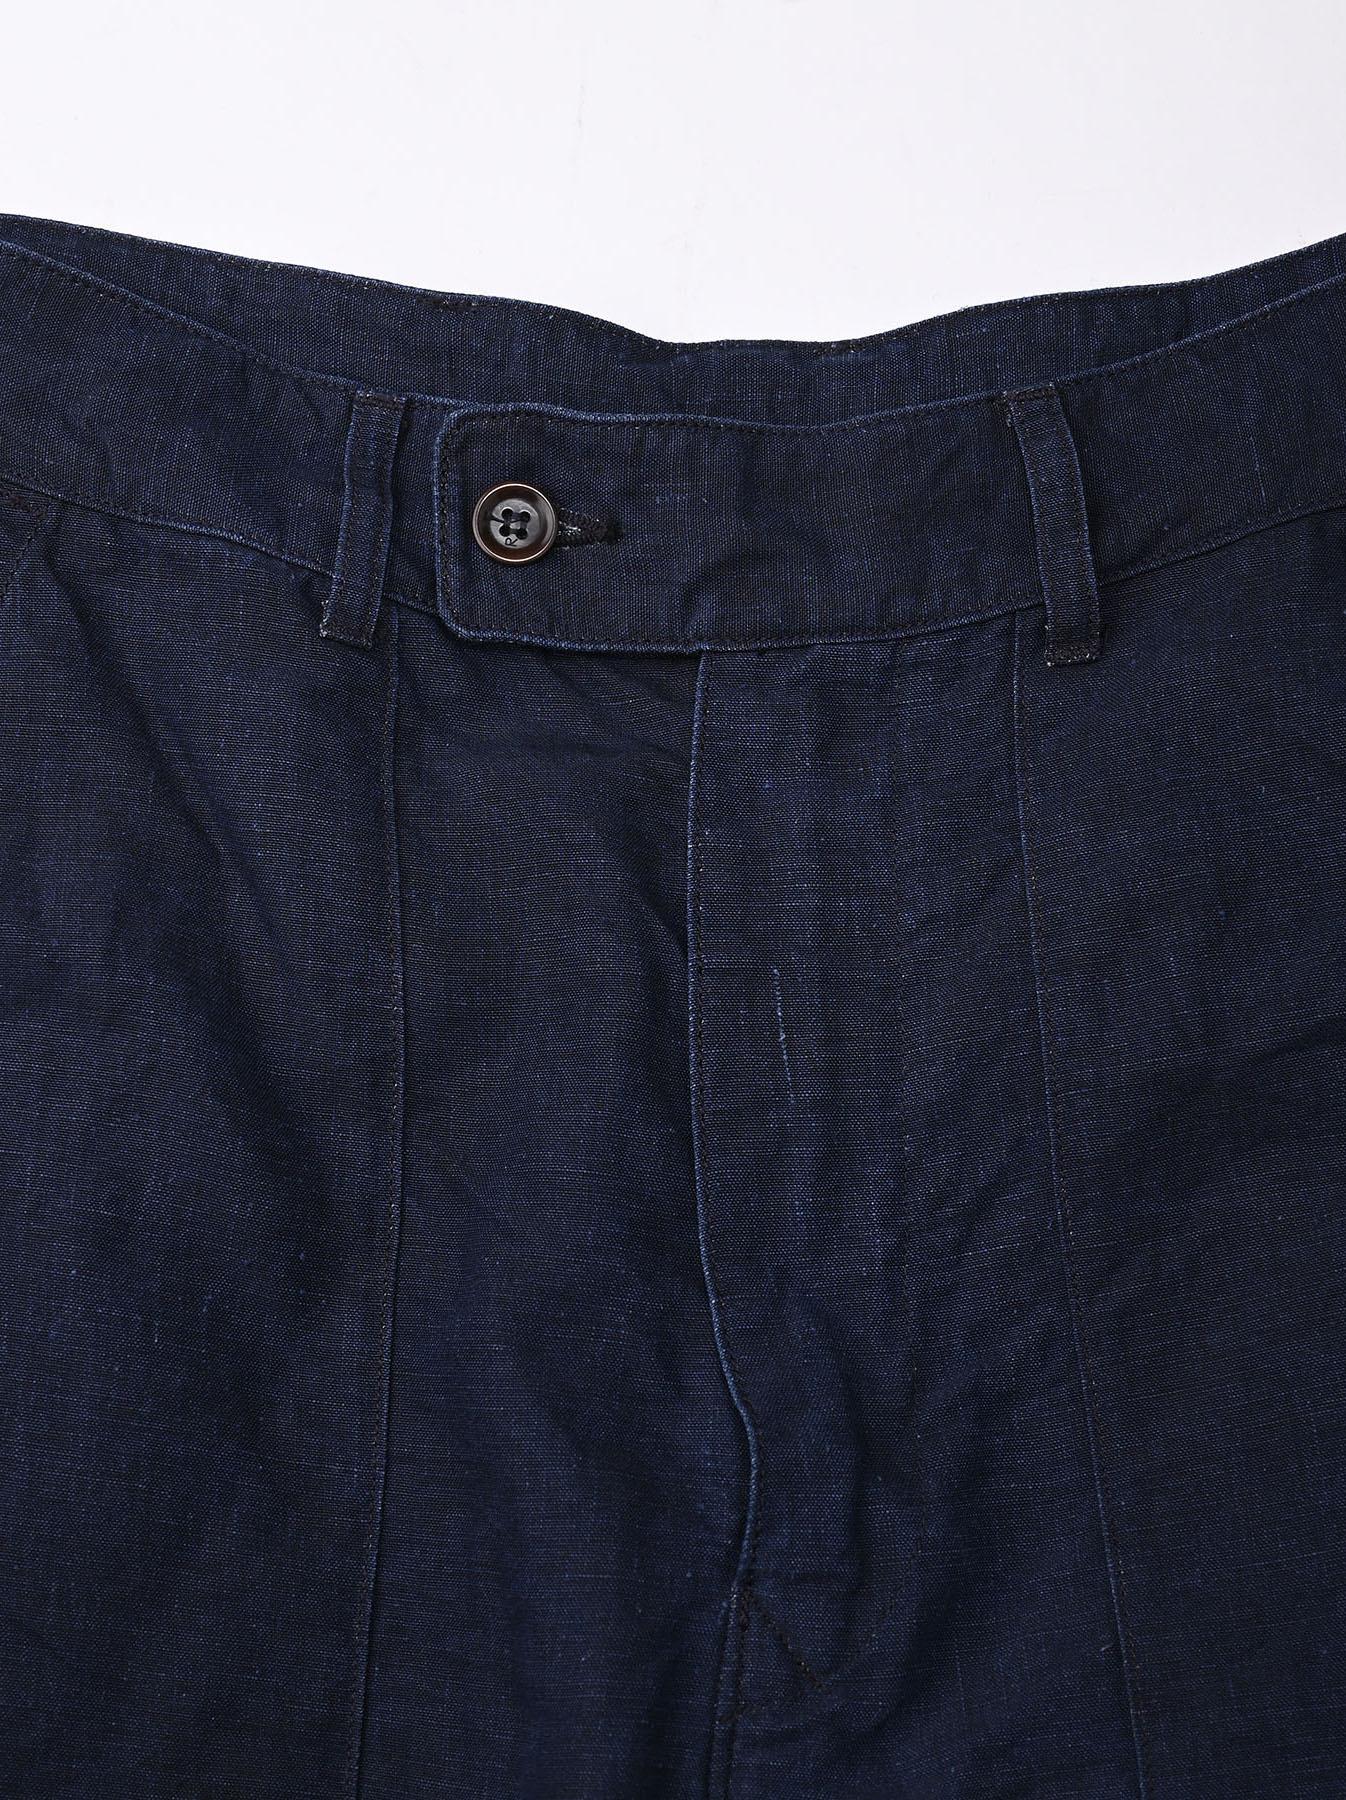 Indigo Linen 908 Baker Pants (0421)-12